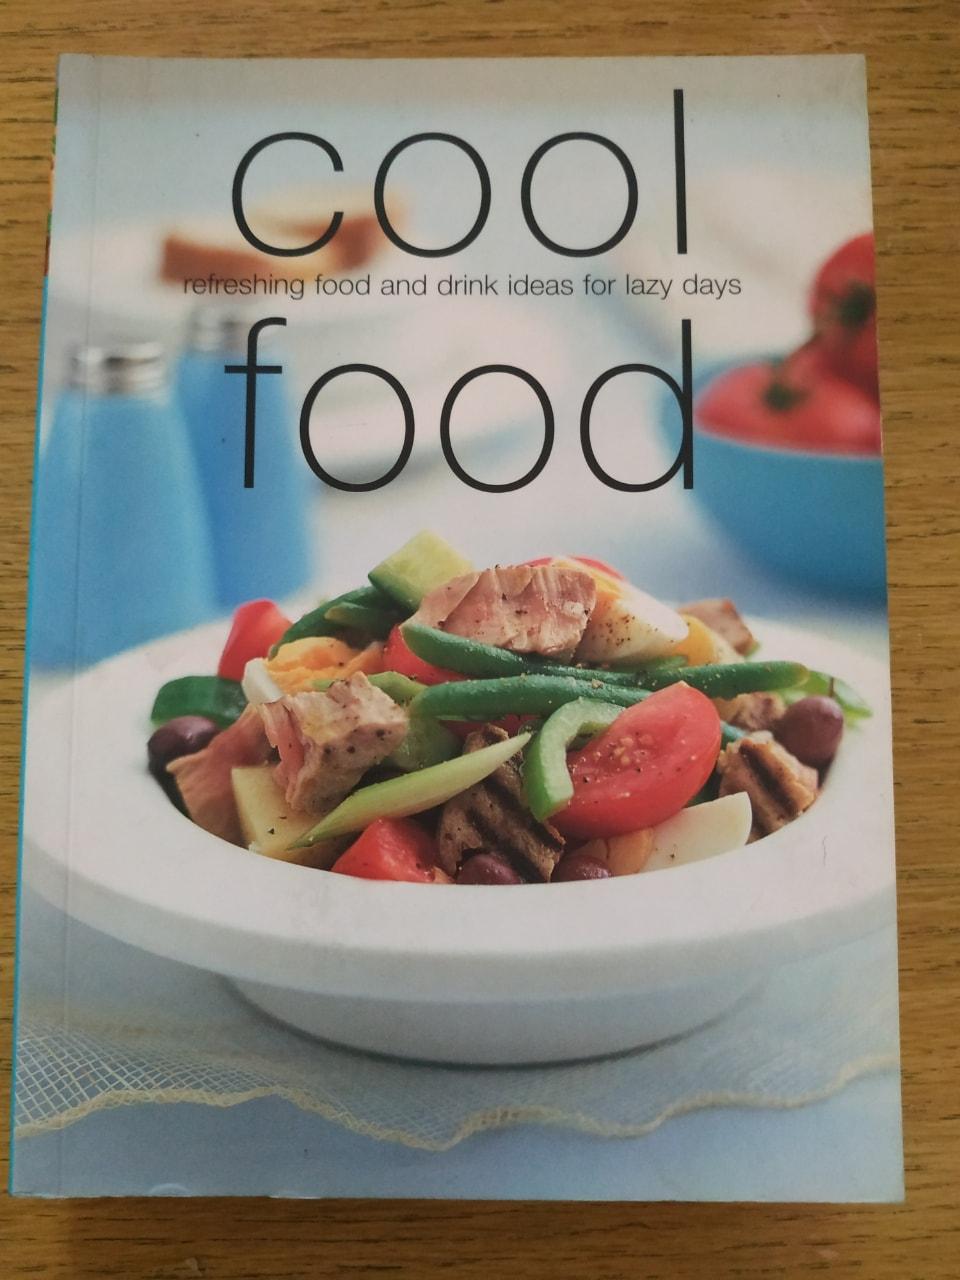 Cookbook - Cool food